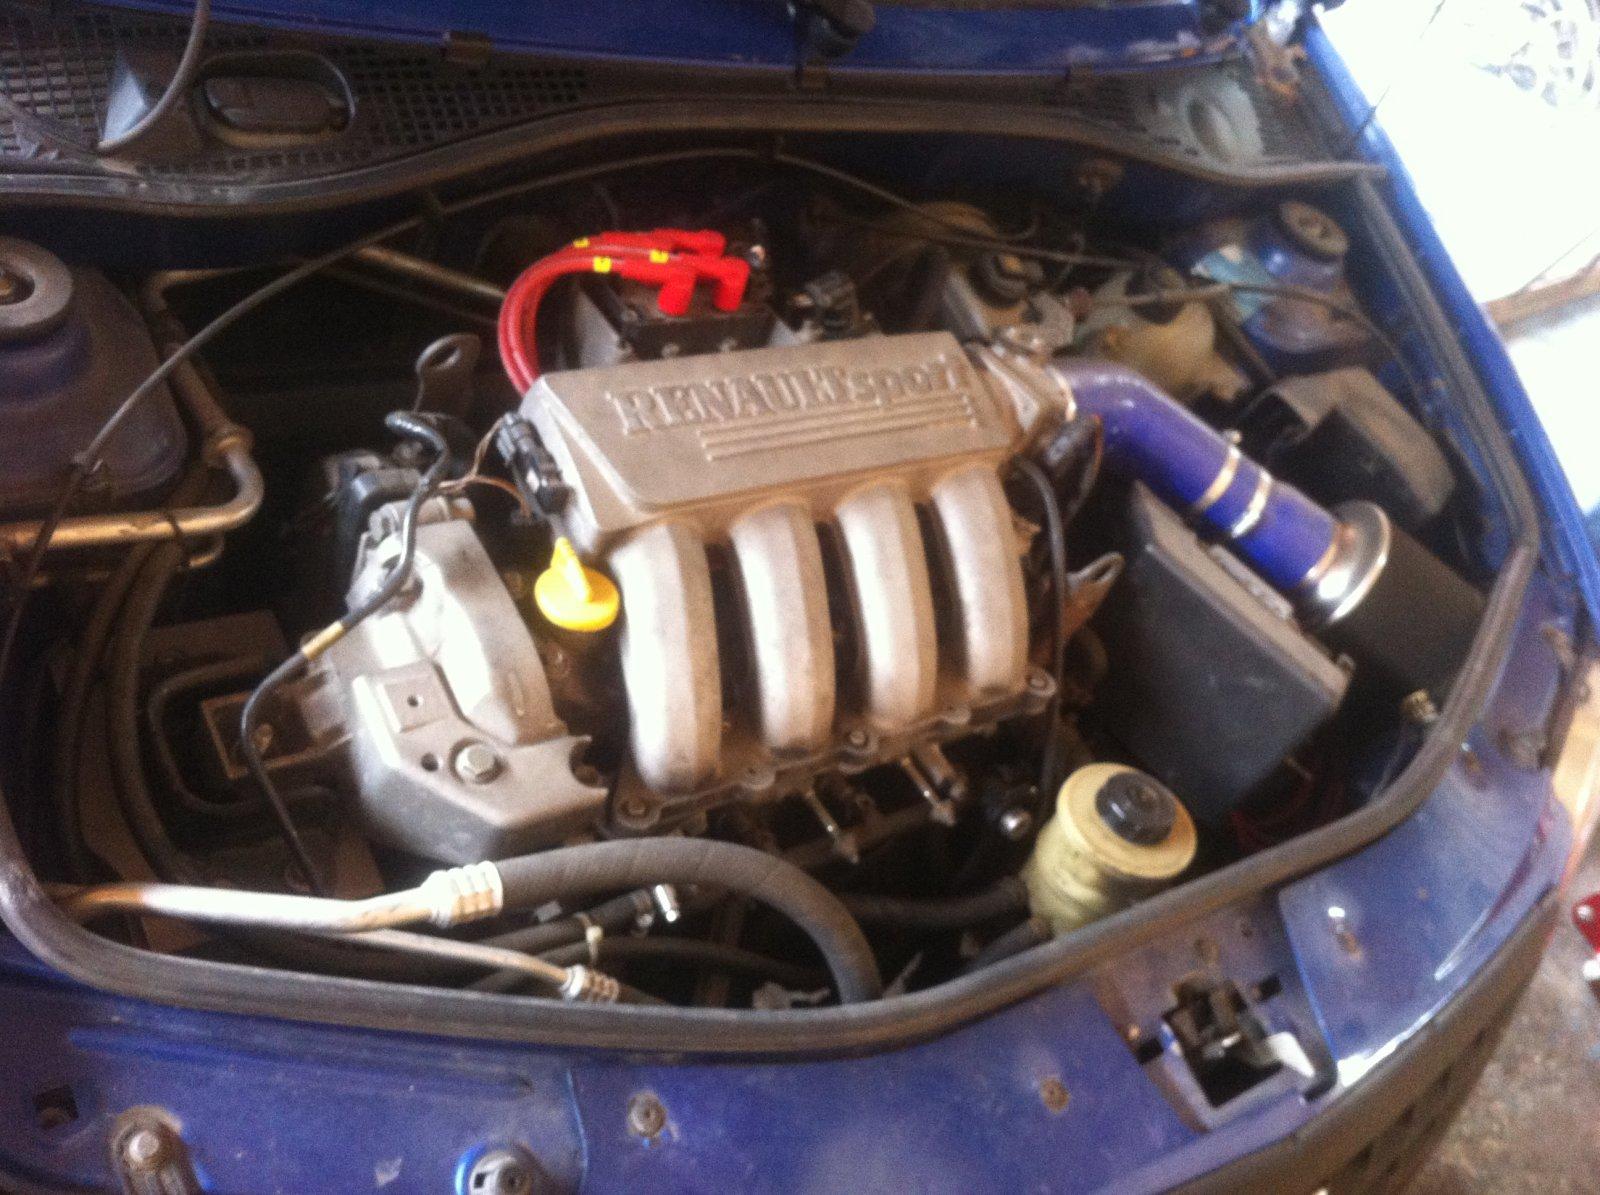 Renault clio 172 Ph2 | ClioSport net